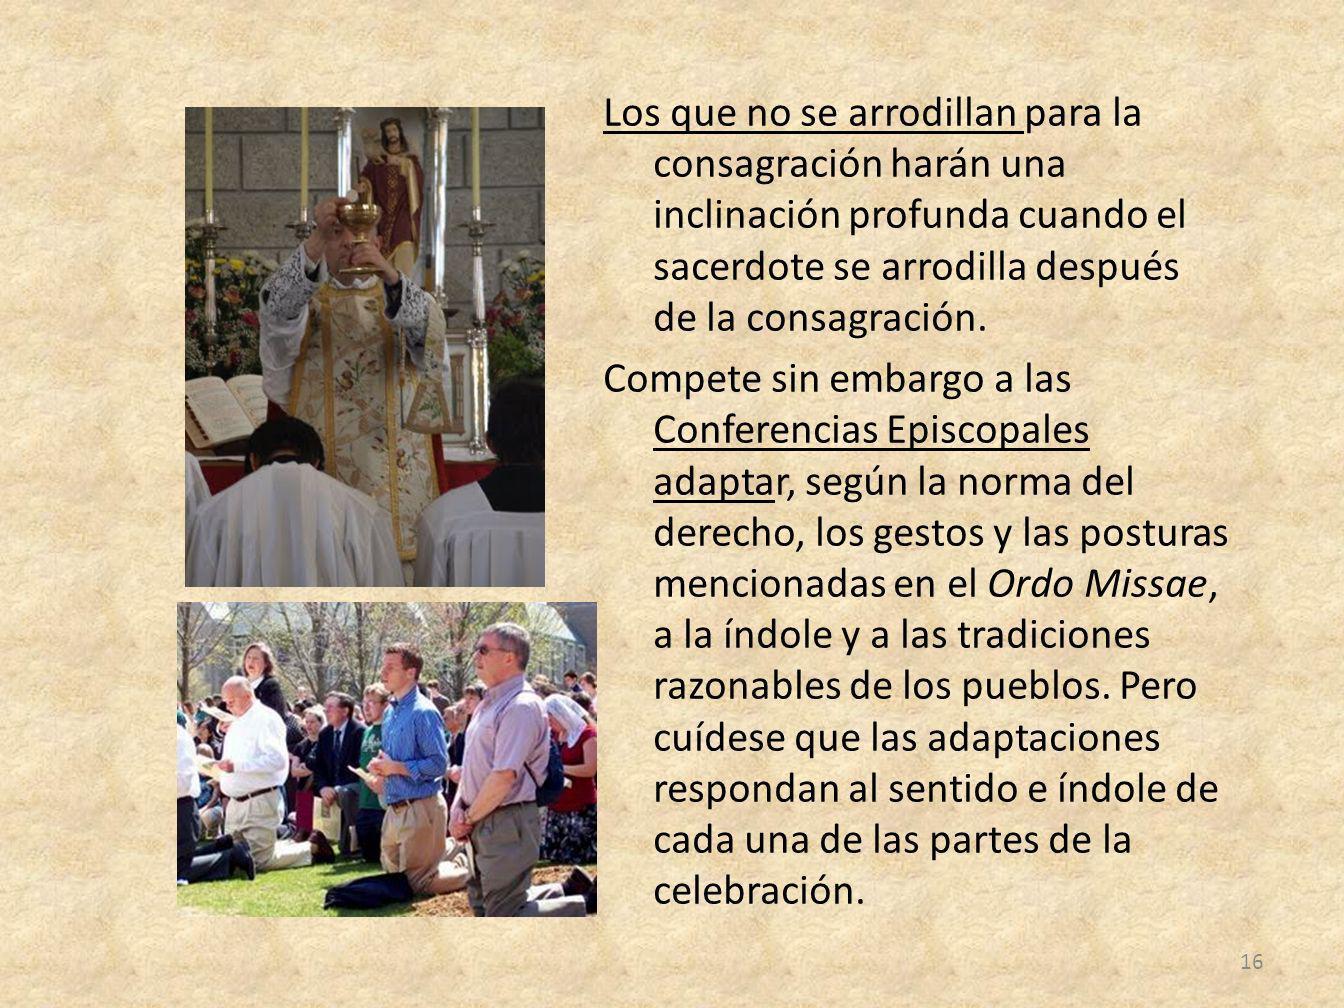 Los que no se arrodillan para la consagración harán una inclinación profunda cuando el sacerdote se arrodilla después de la consagración. Compete sin